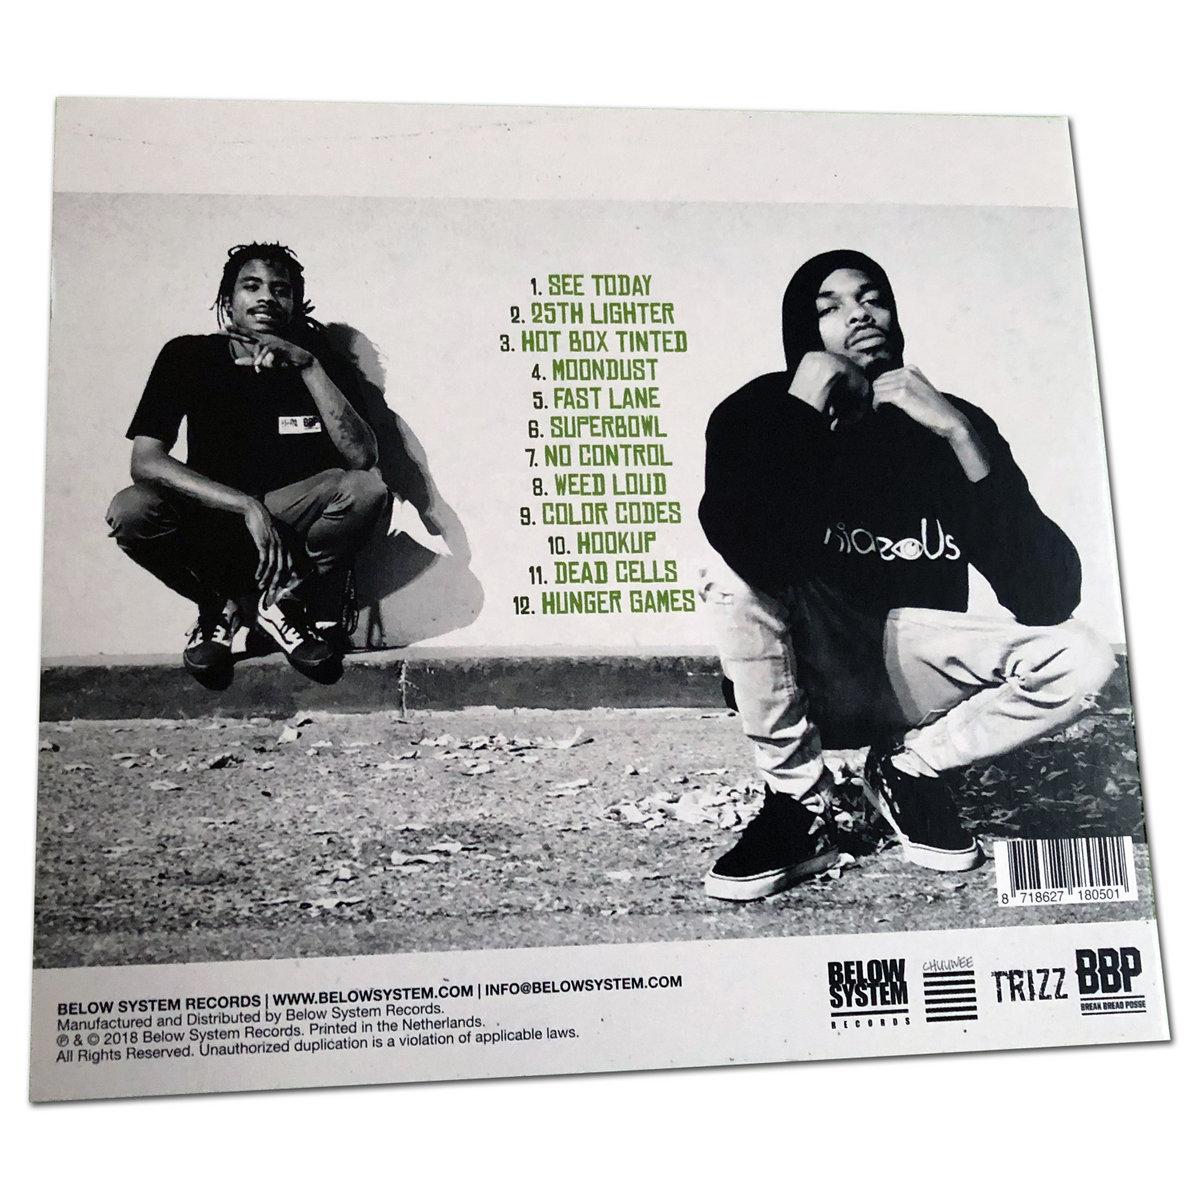 Hookup album